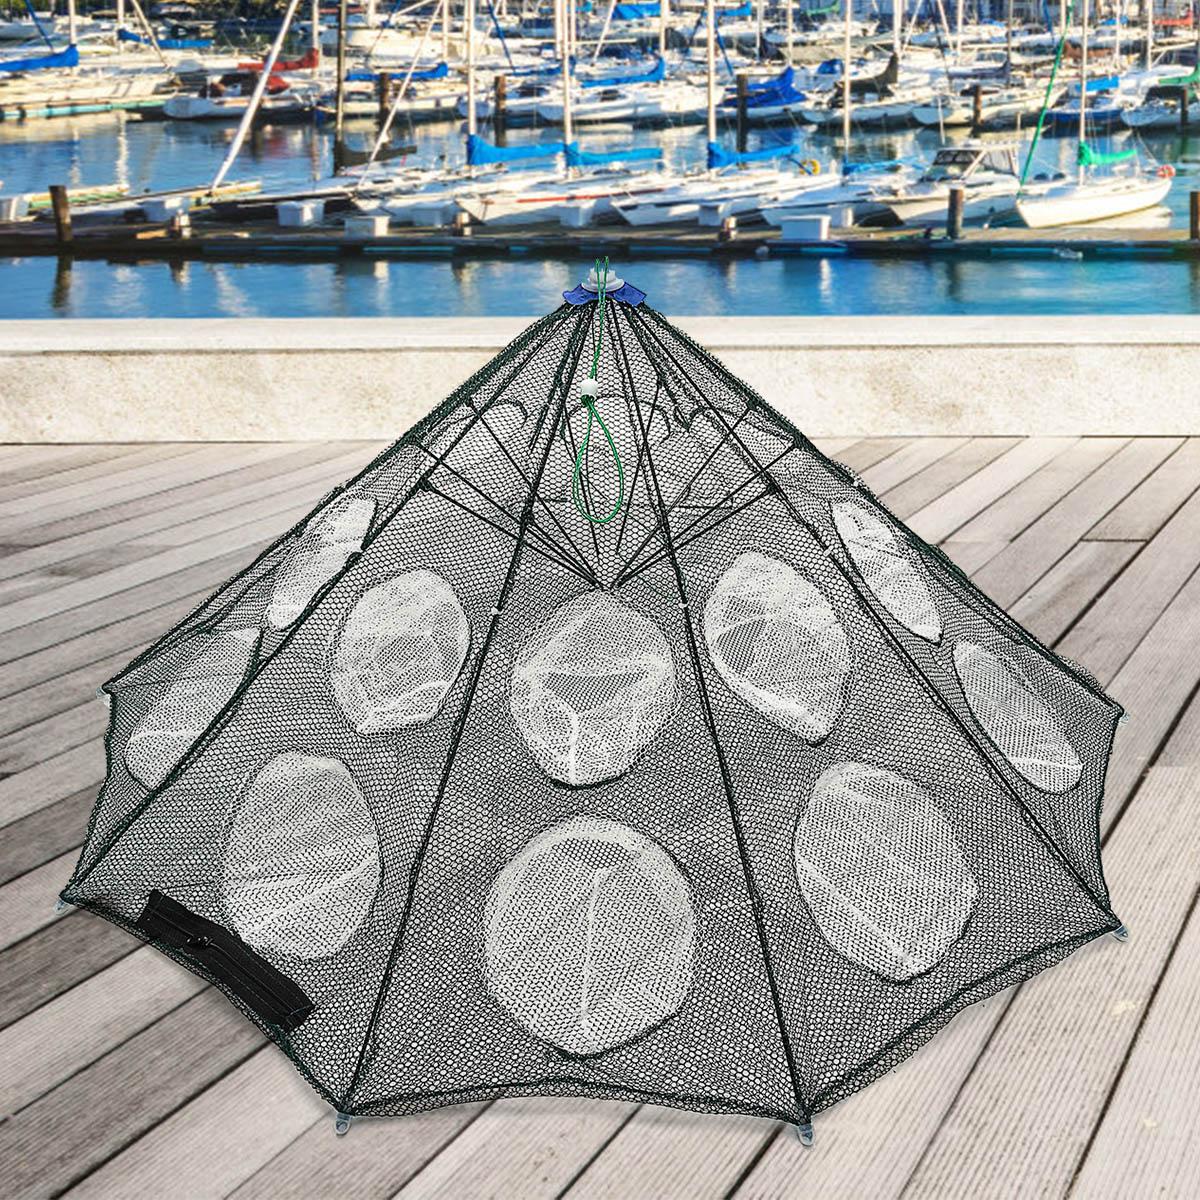 Усиленная 6-20 отверстий Автоматическая рыболовная сетка клетка для креветок нейлоновая клетка для ловли крабов Рыбная Накидная рыболовная сеть литая Складная рыболовная сеть